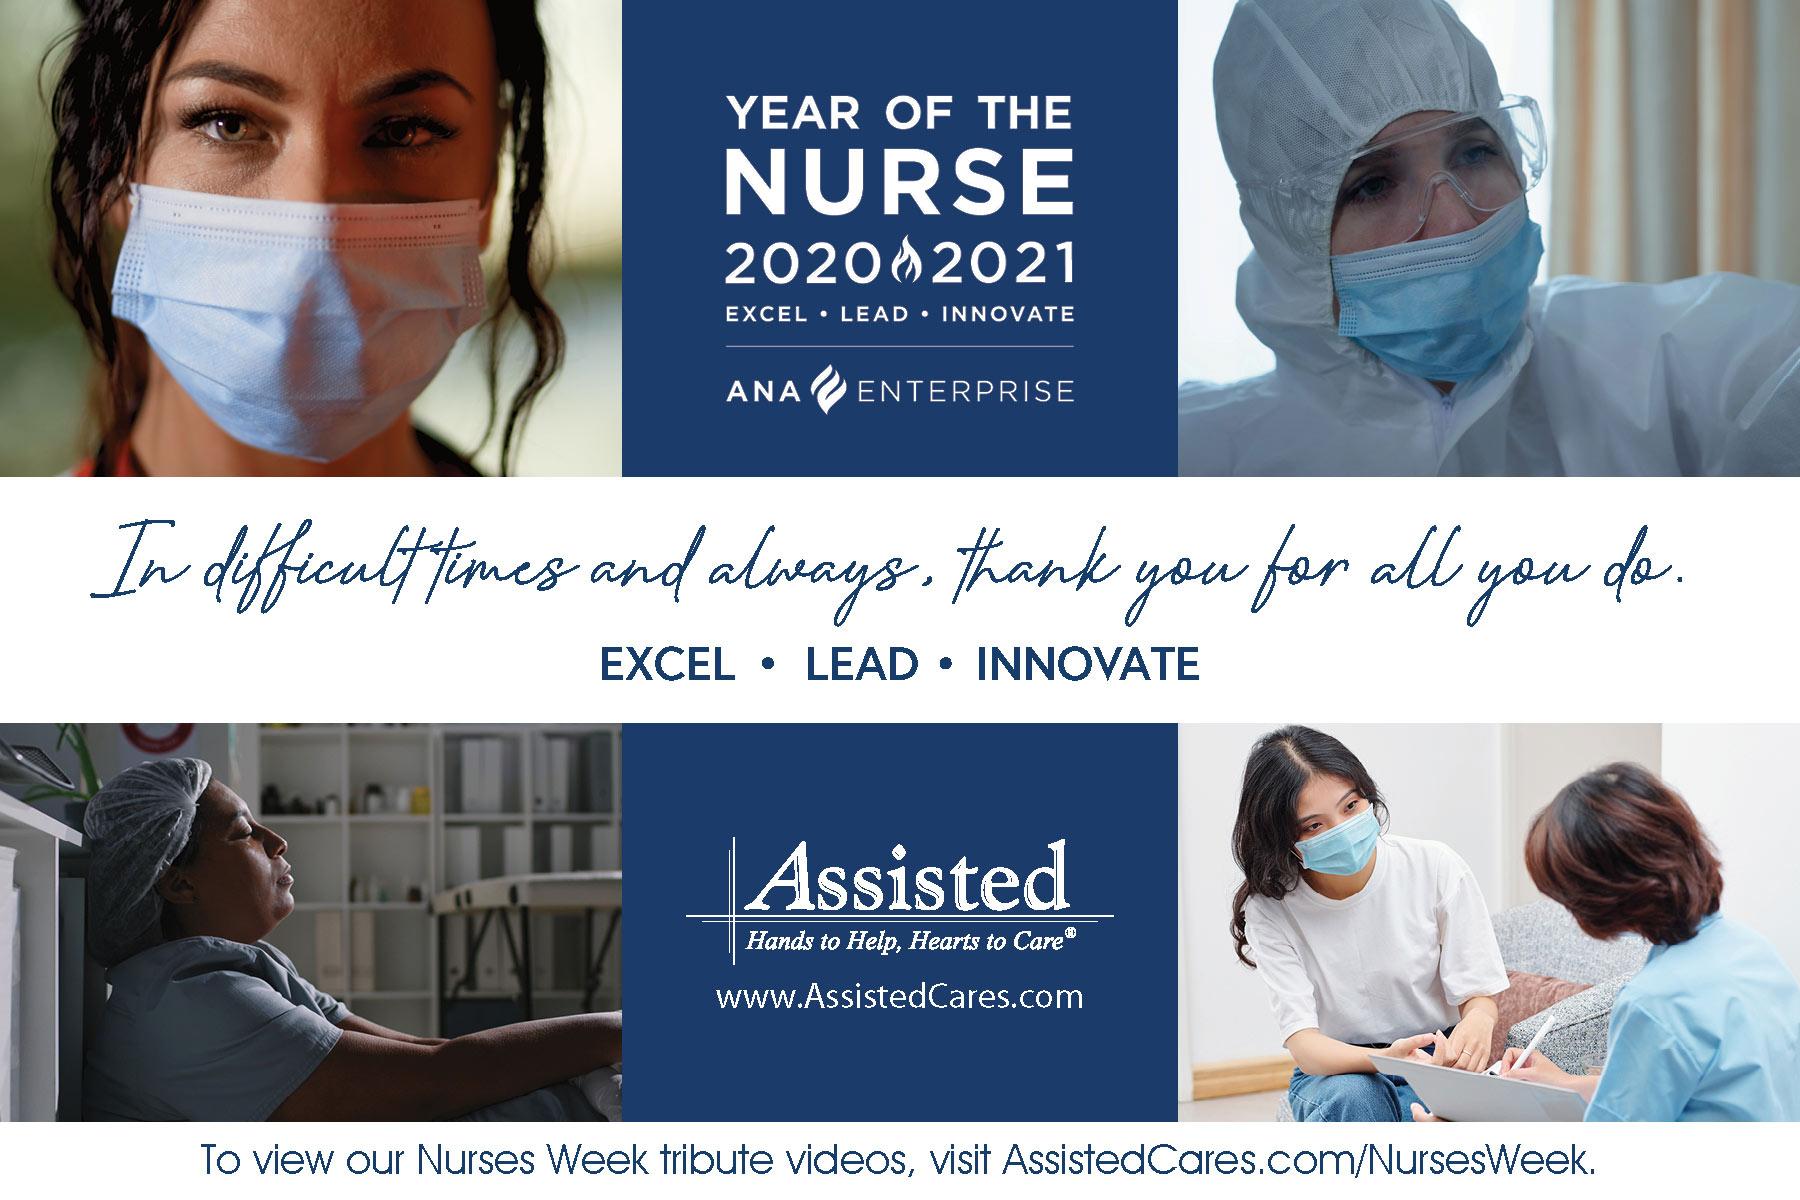 Nurses Week 2021 image